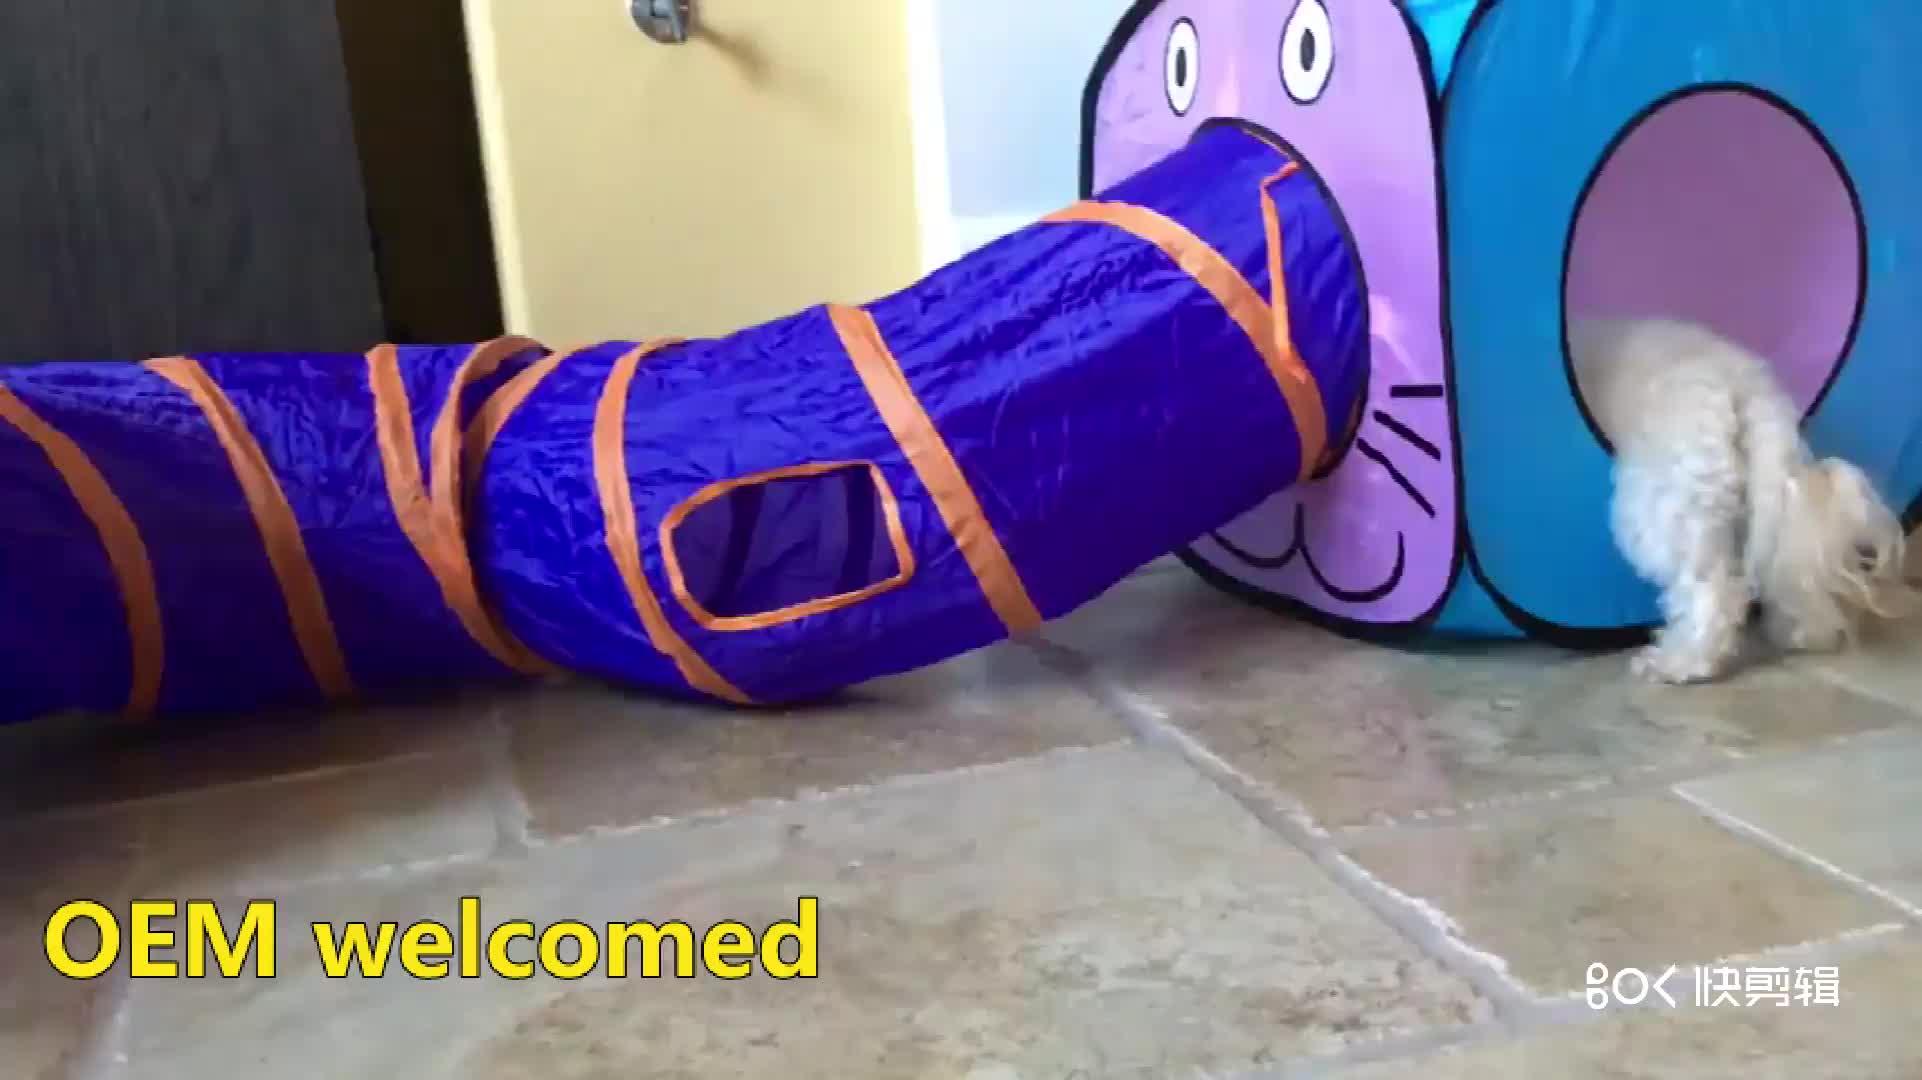 كيتي القط مكعب المنبثقة غير المنسوجة النسيج تلعب لعبة الخيمة مع هوك وحلقة